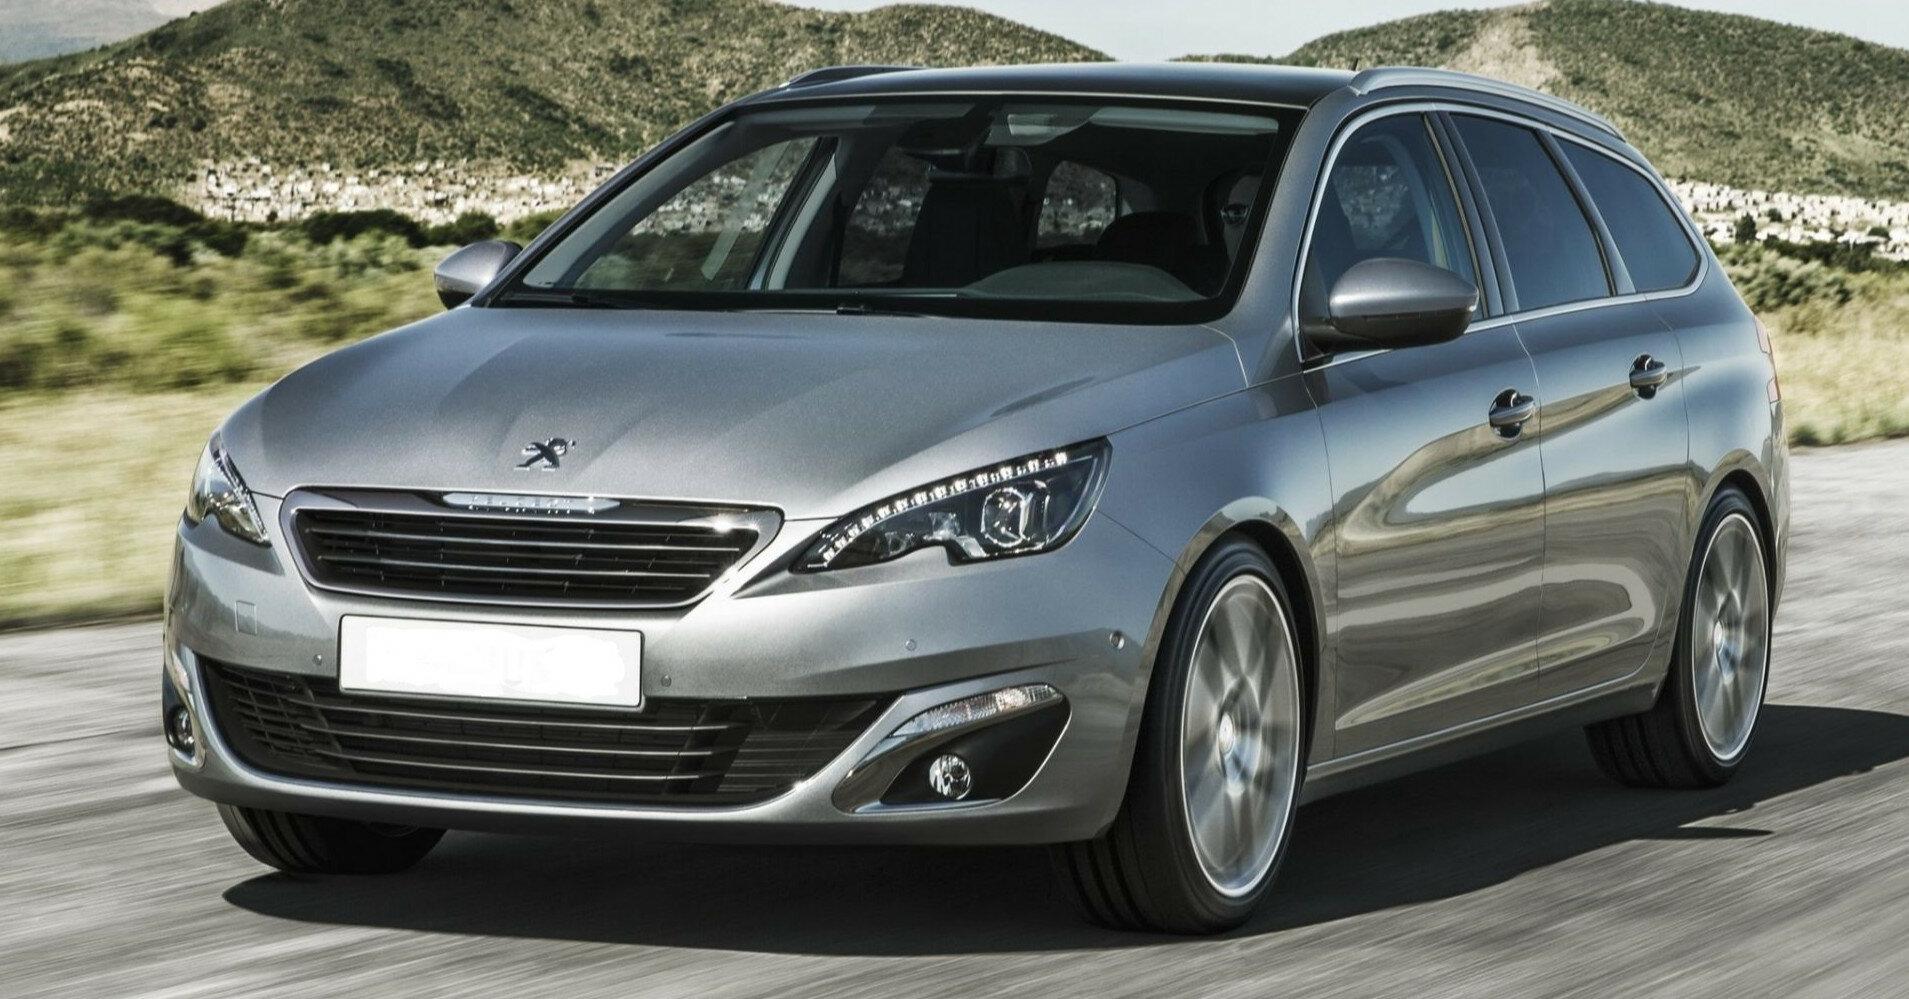 Официально представлен универсал Peugeot 308 SW 2021 года